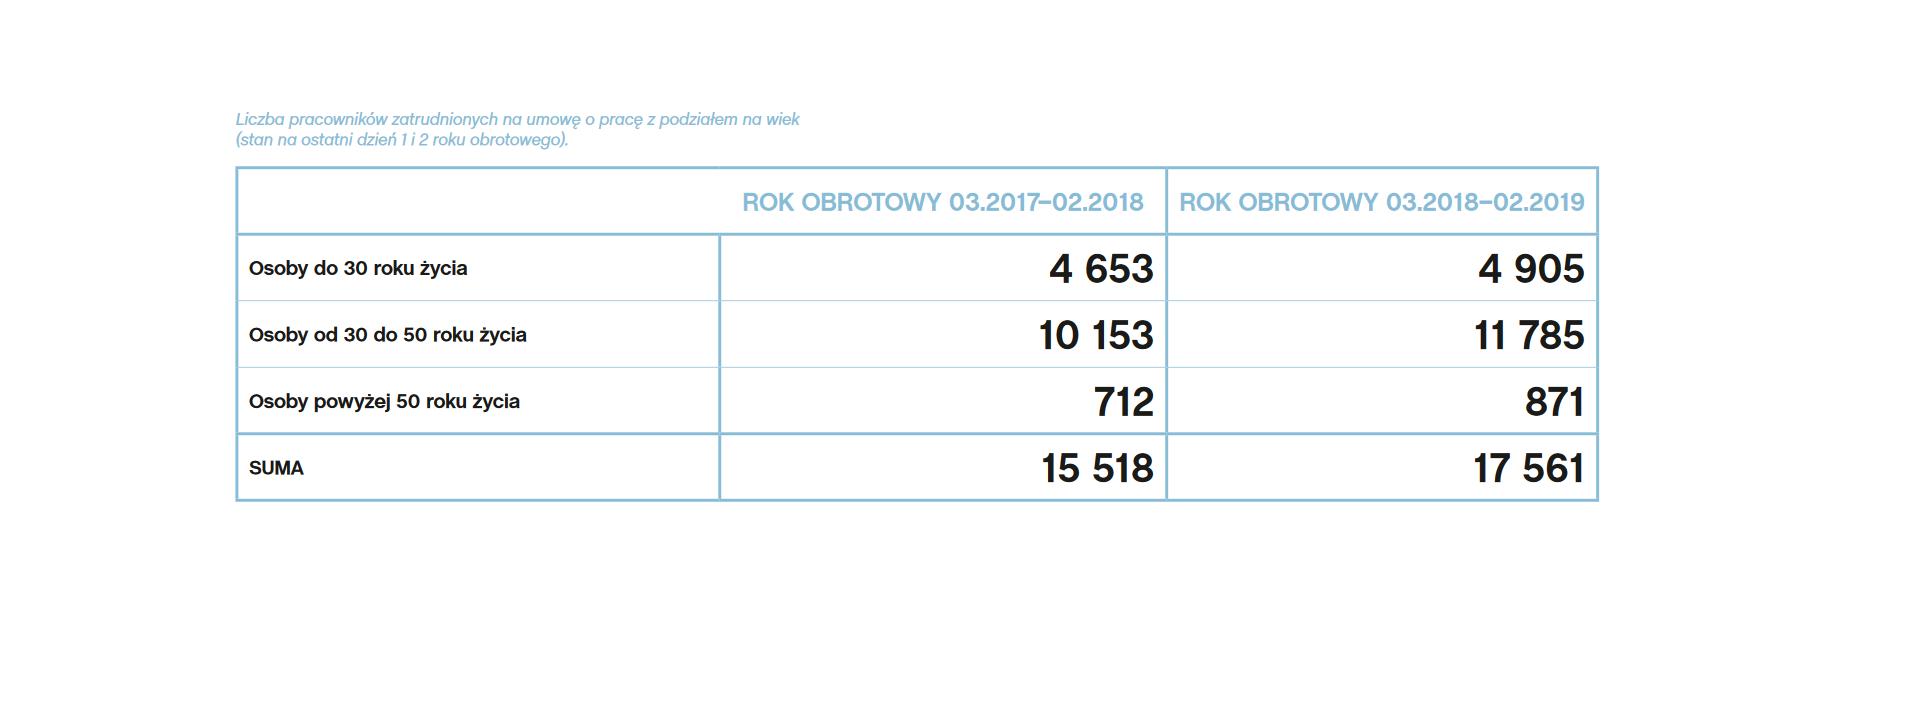 Liczba pracowników zatrudnionych na umowę o pracę z podziałem na wiek (stan na ostatni dzień 1 i2 roku obrotowego). (źródło: Raport zrównoważonego rozwoju Lidl Polska)